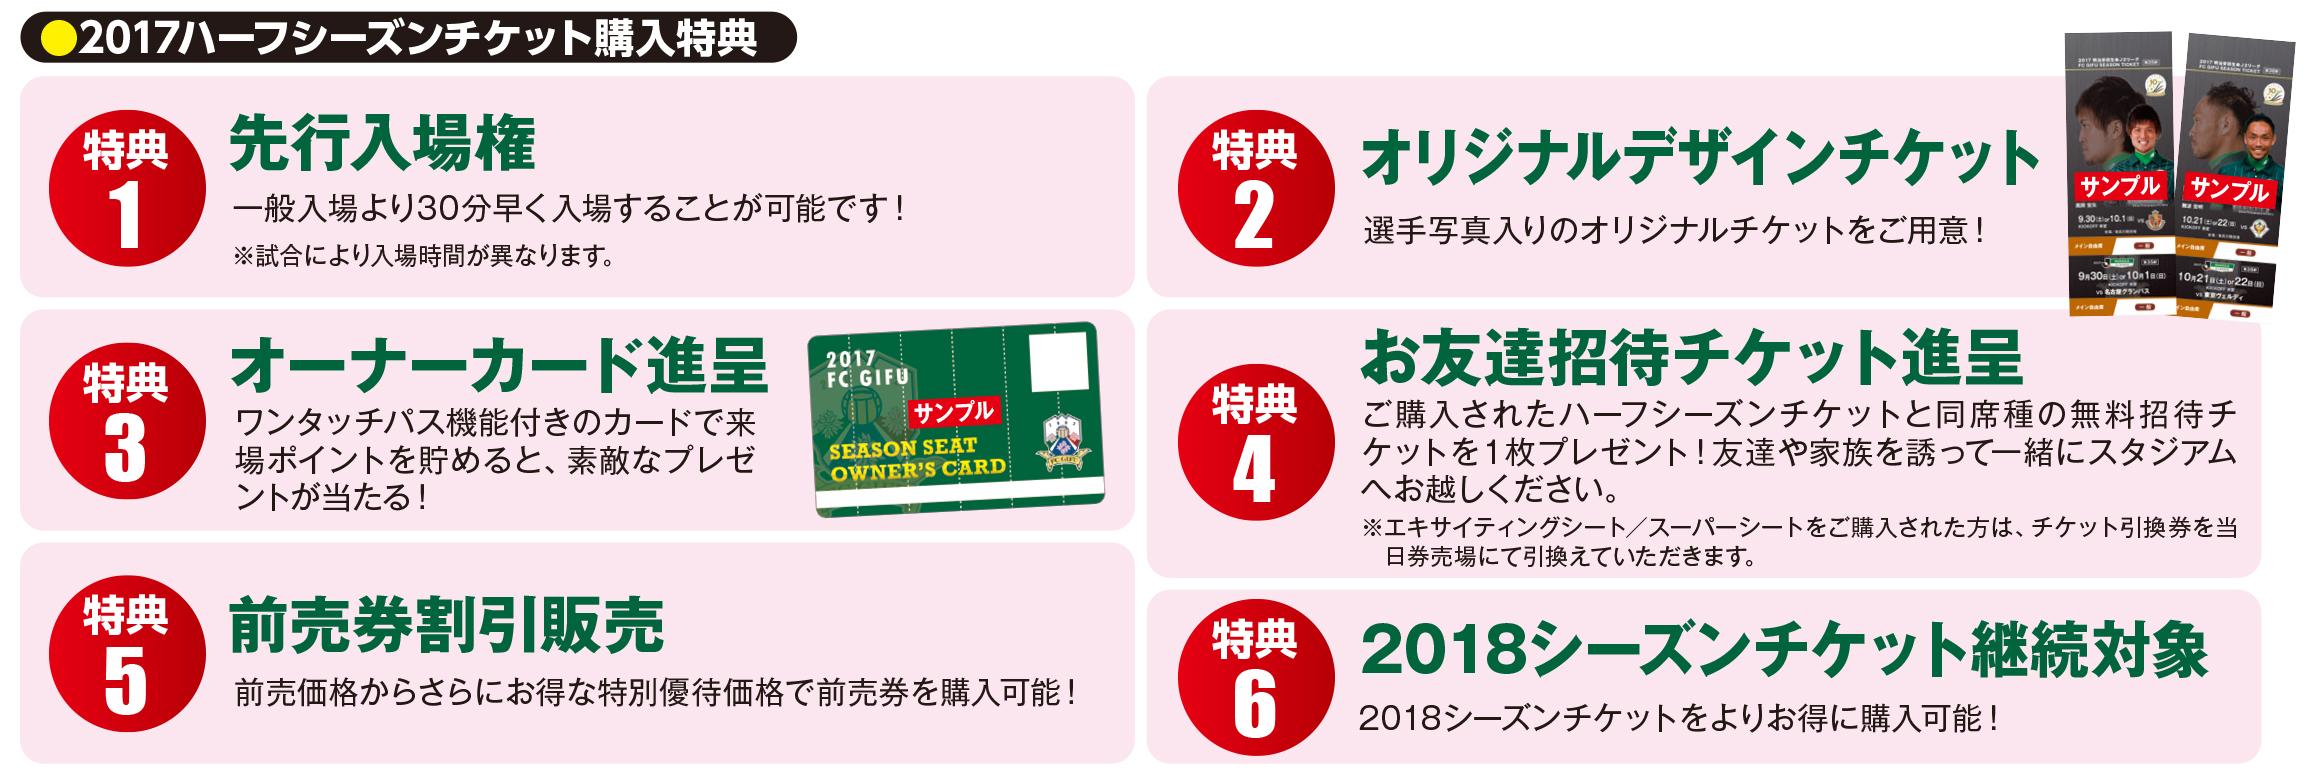 ハーフシーチケ購入ガイド2017_オモテ